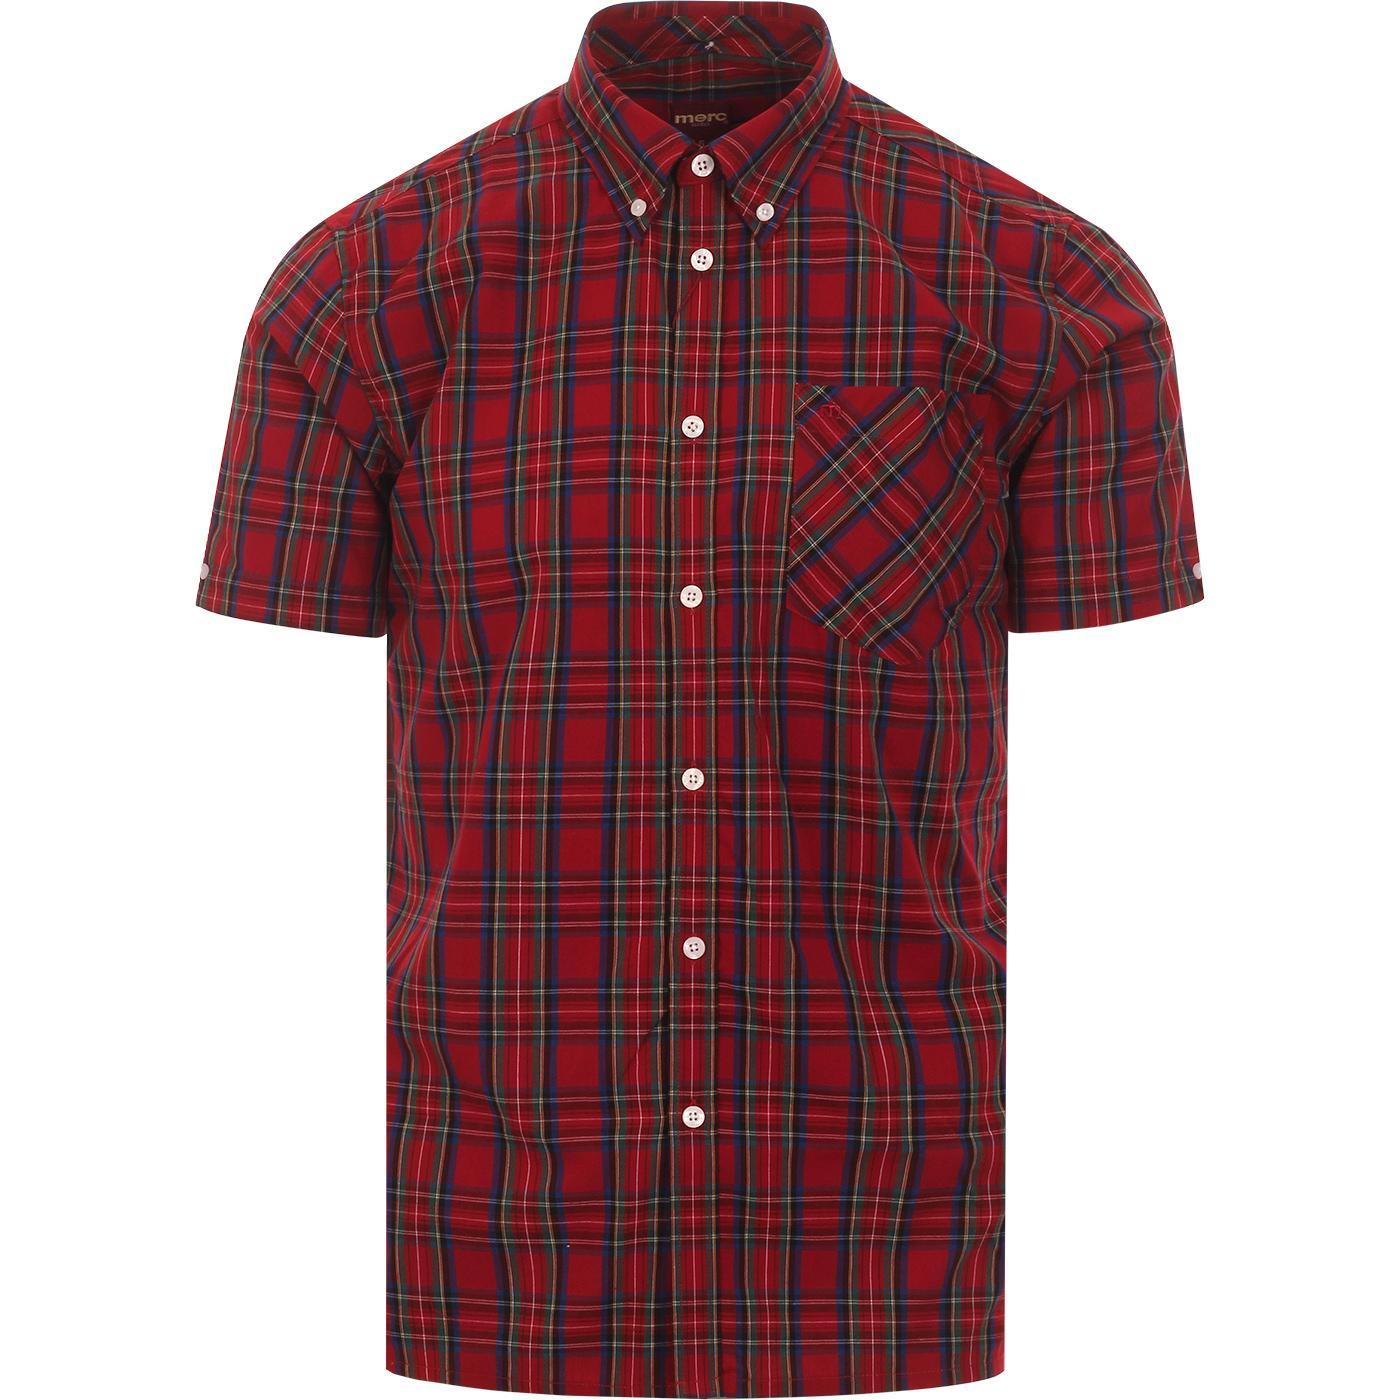 Mack MERC Mod Button Down Stewart Red Check Shirt